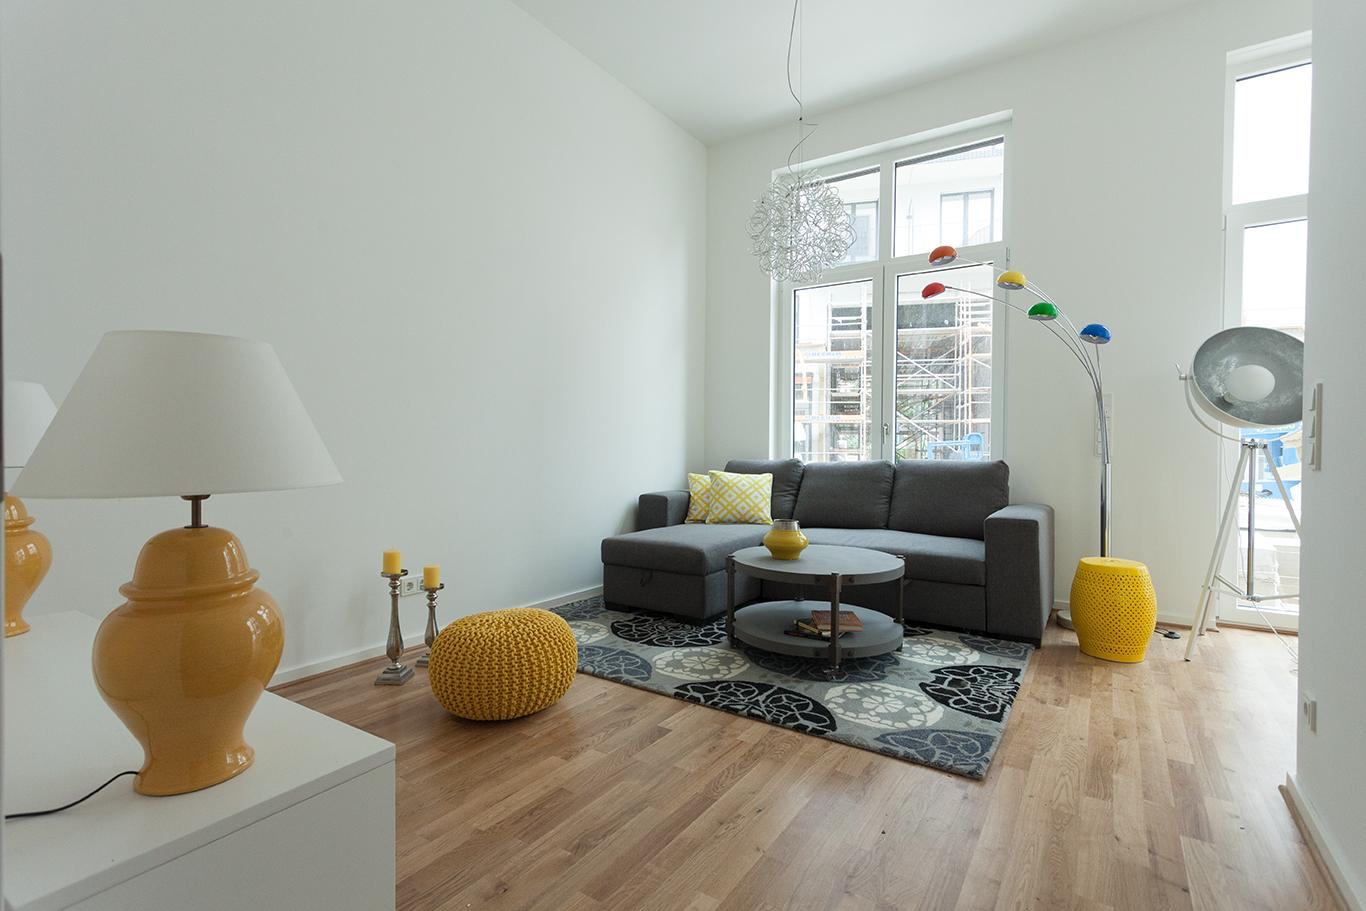 wohnzimmer gelb und dunkel blau #hocker #sofa ©mirac... - Wohnzimmer Gelb Blau